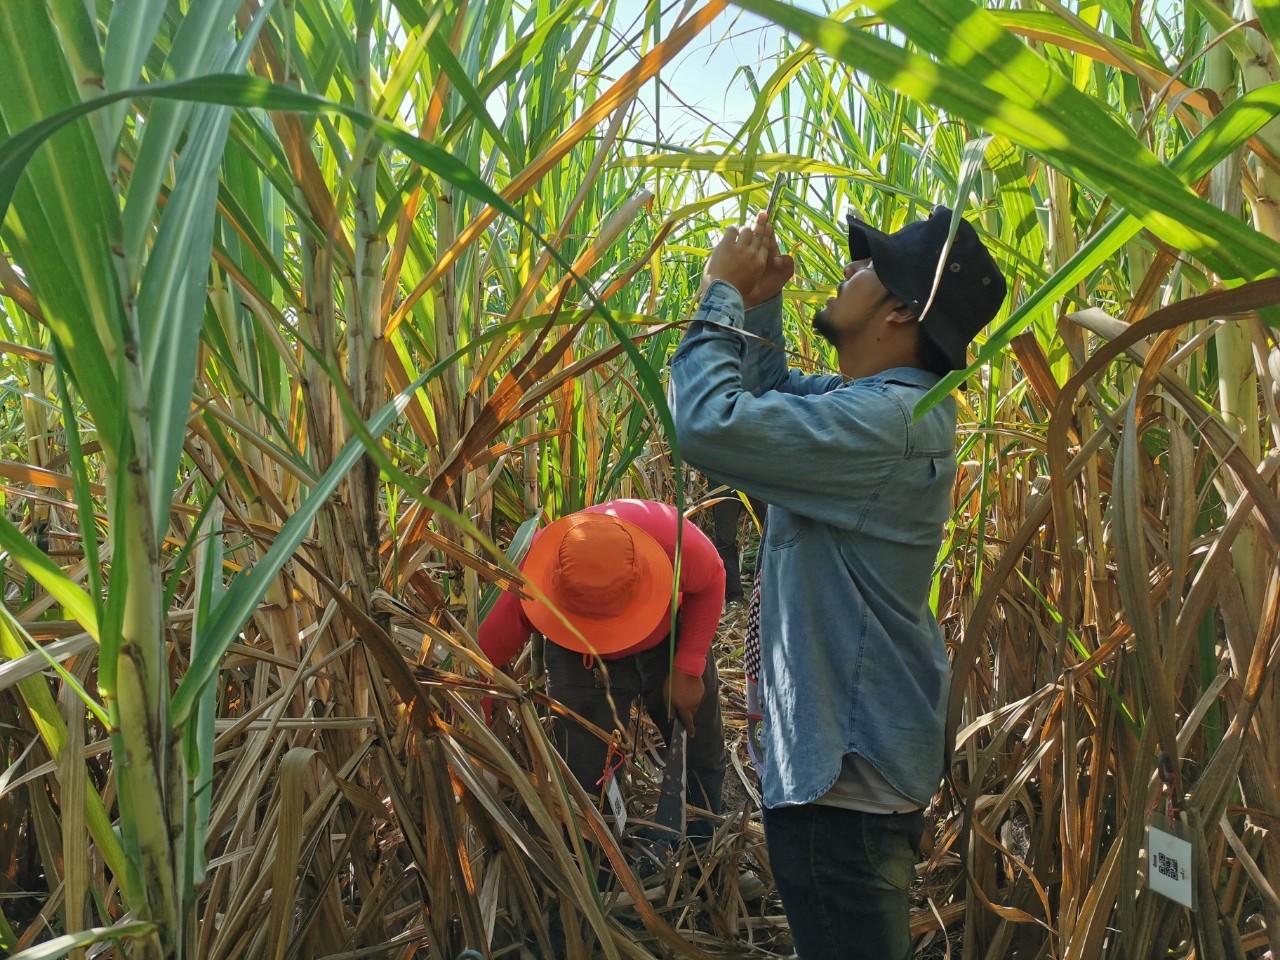 เมื่อวันที่ 21 เมษายน 2563 ที่ผ่านมา ทีมงานโครงการเข้าคัดเลือกพันธุ์อ้อยขั้นที่ 1 ผ่านApplication ณ ศูนย์การปรับปรุงพันธุ์อ้อยแห่งประเทศไทย (Thailand Sugarcane Breeding Center)